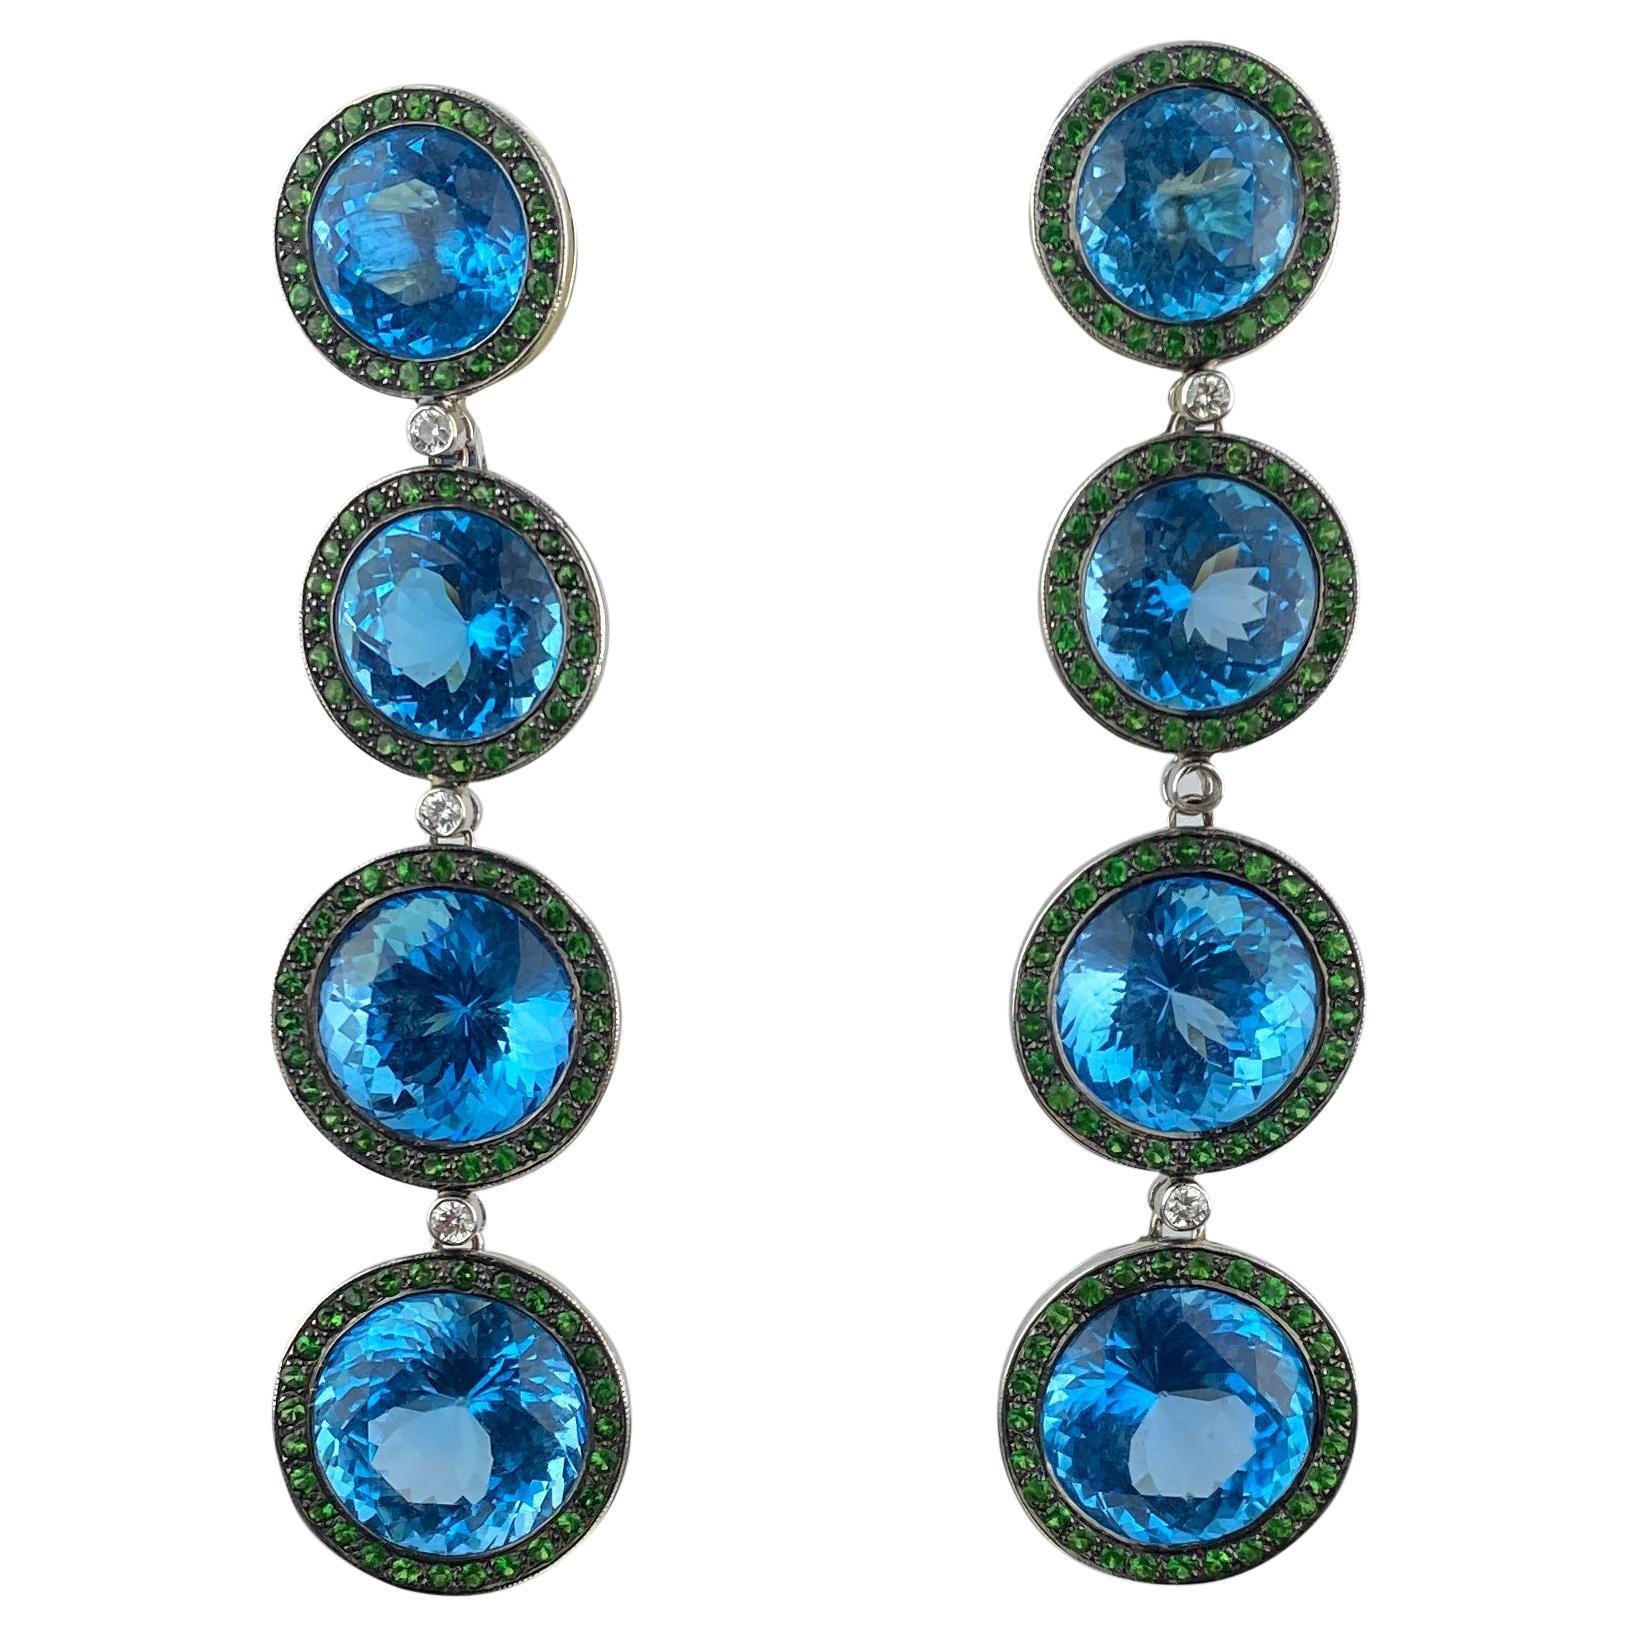 Royaal Stones Ltd Chandelier Earrings